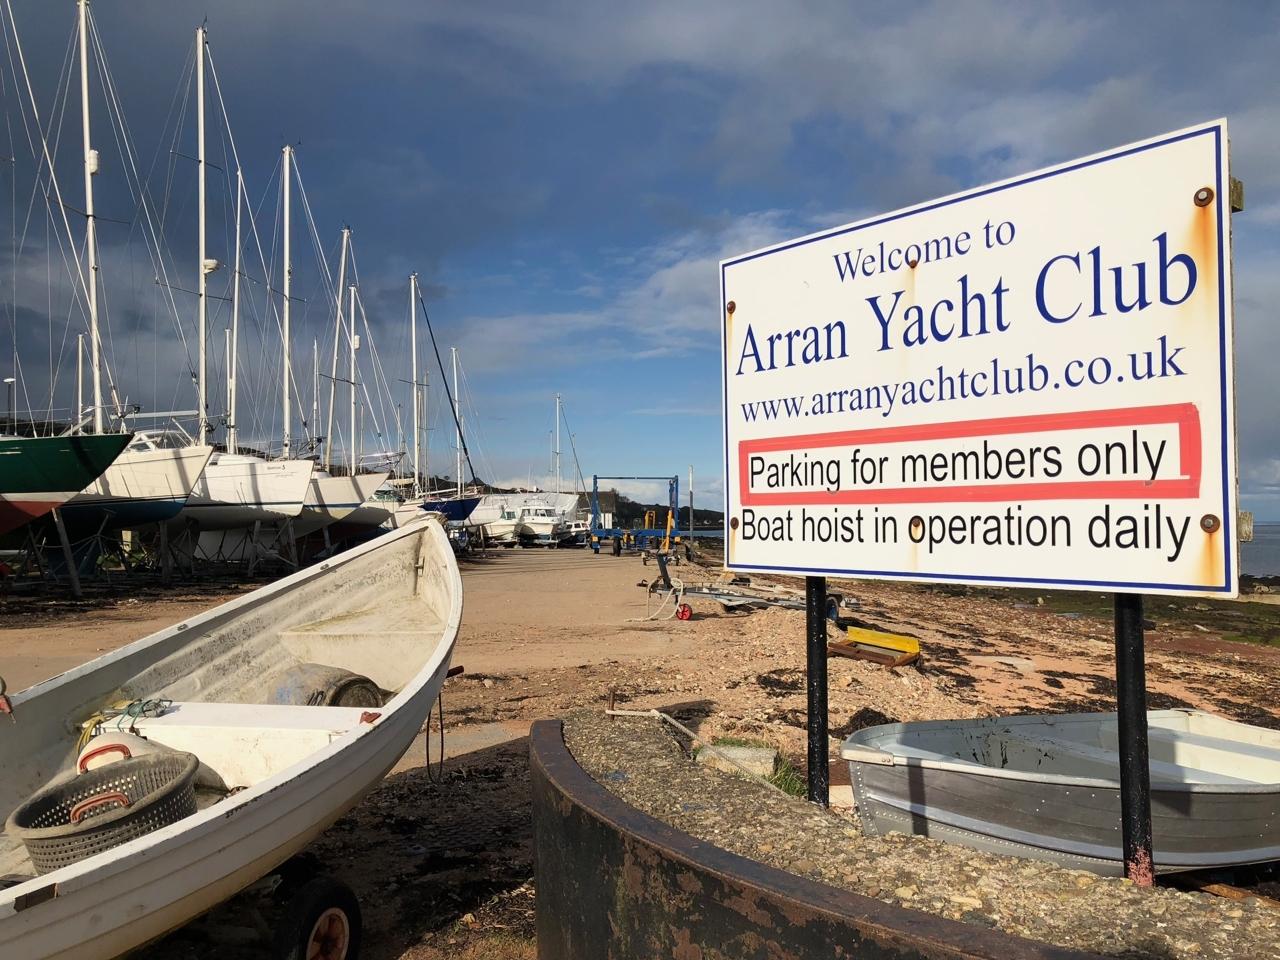 Arran Yacht Club